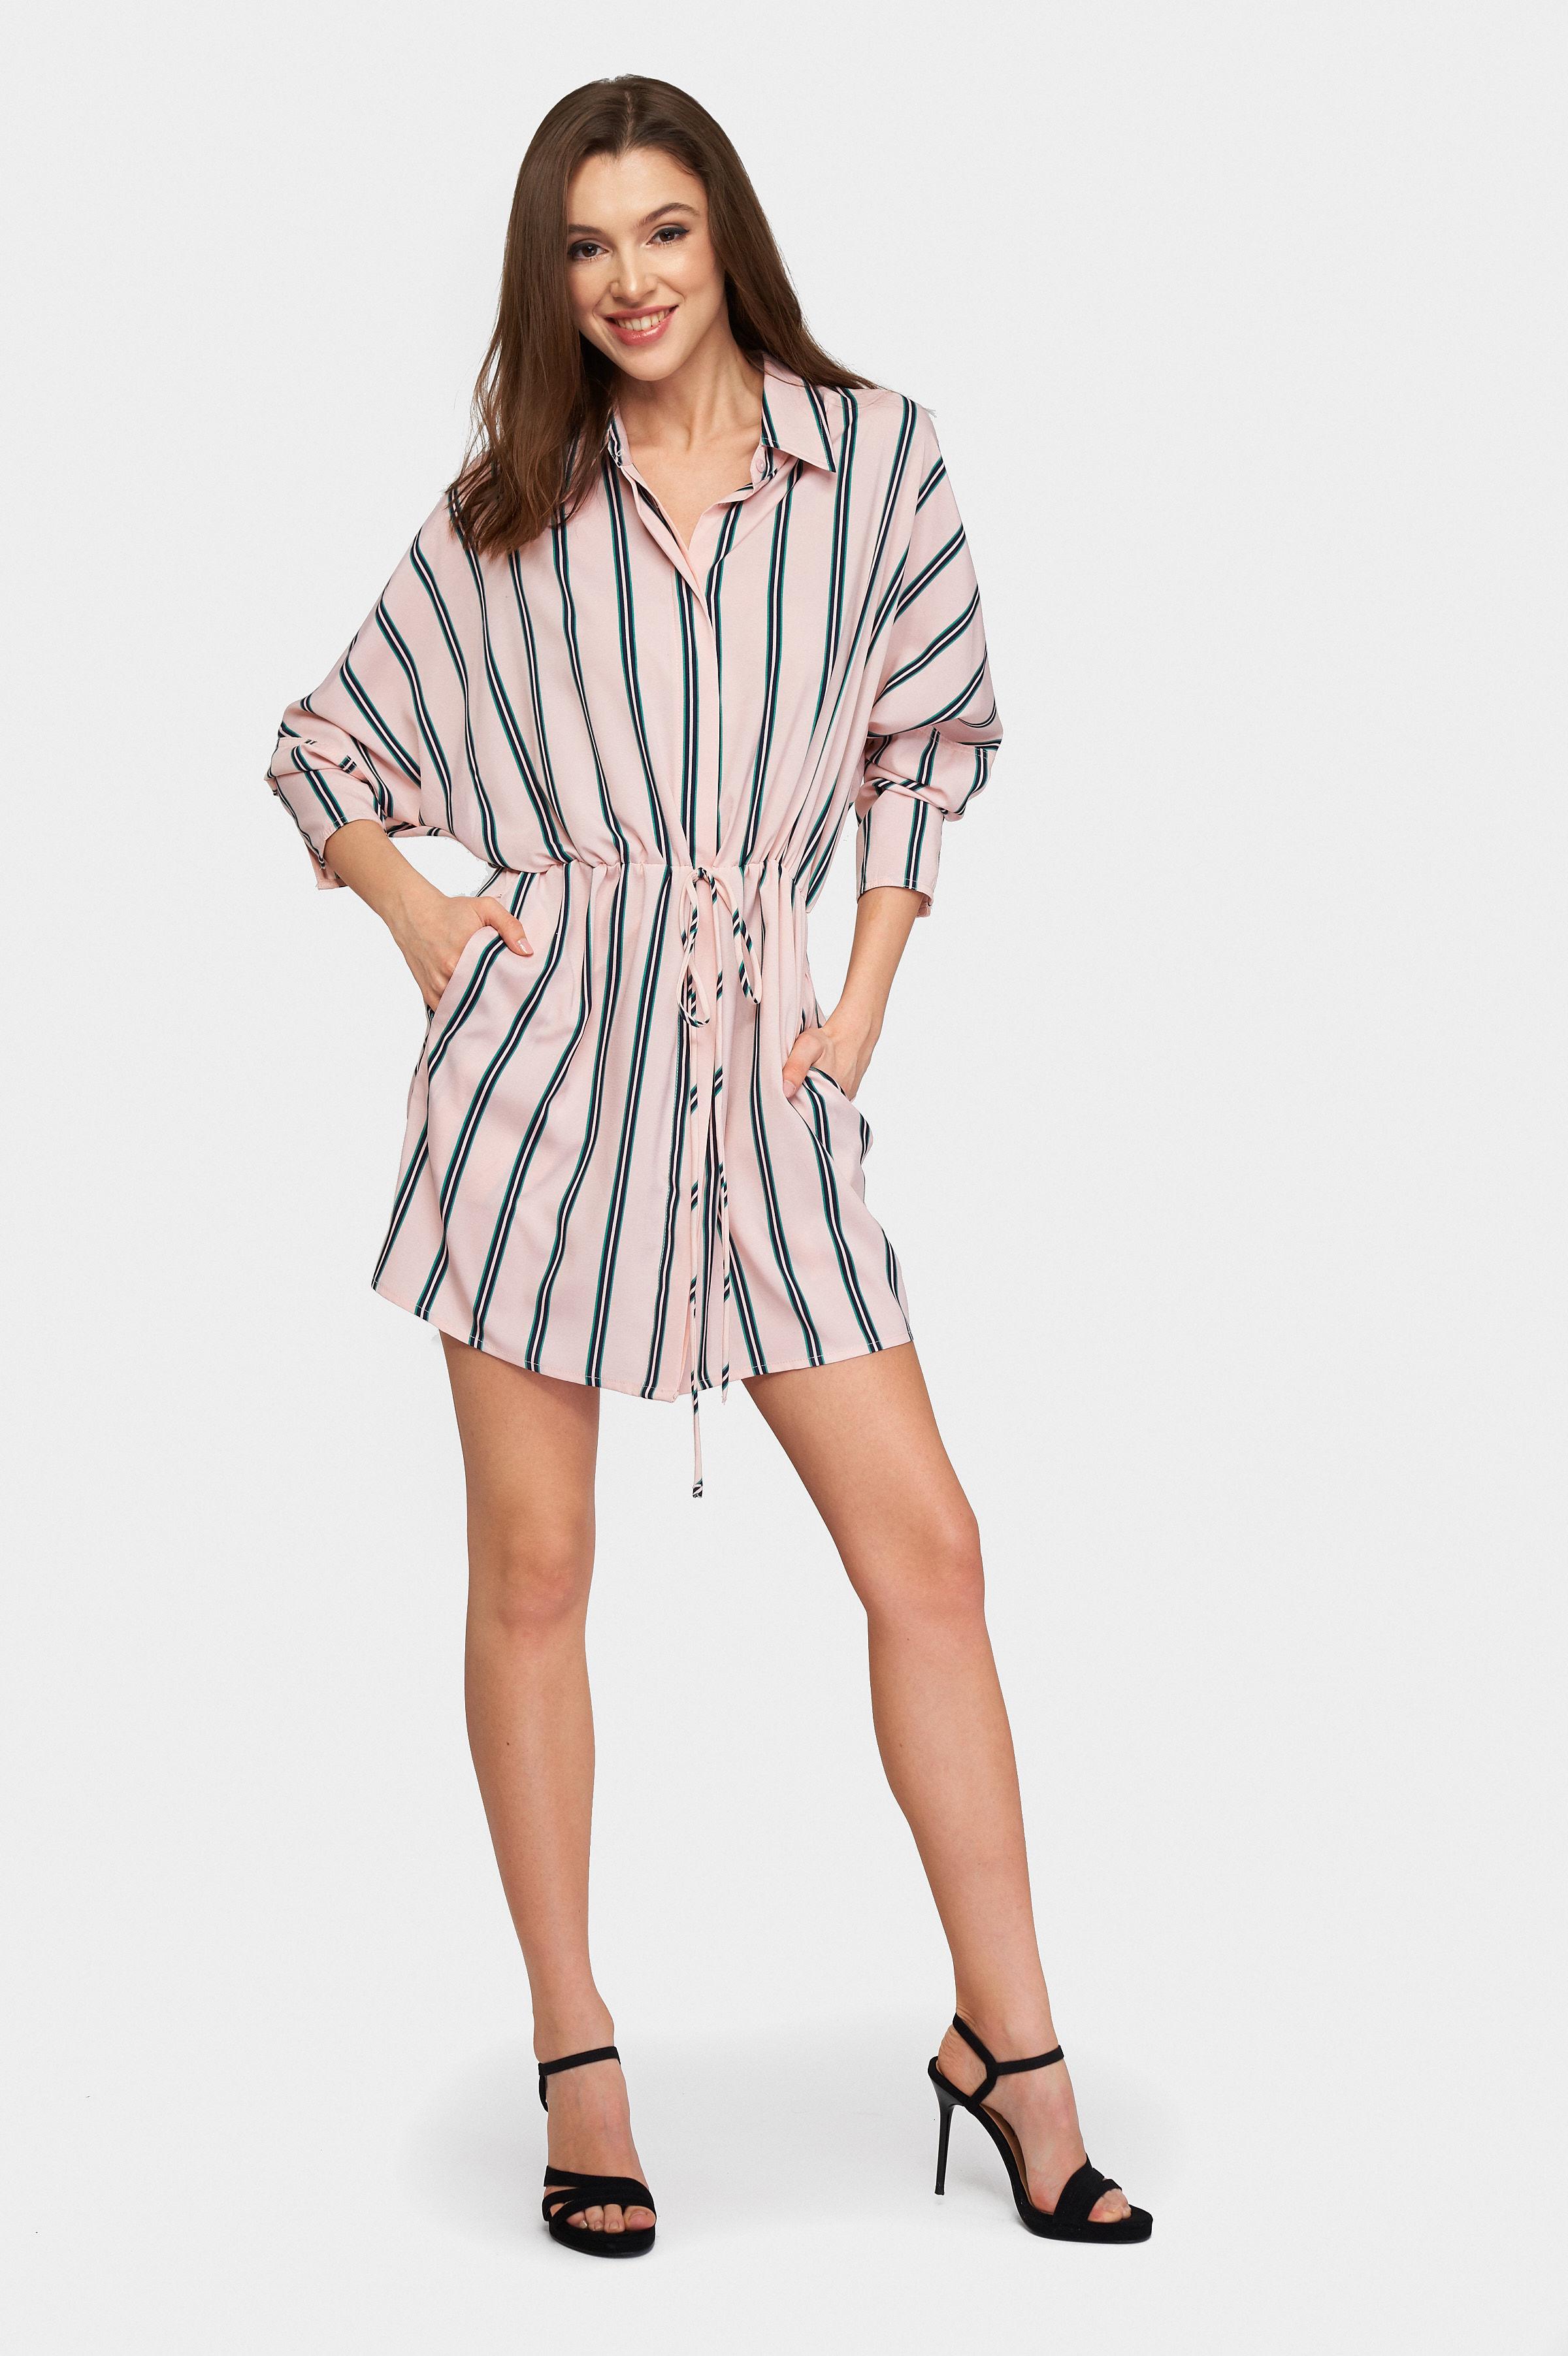 830f923d98c1 Košeľové šaty 37333 - Chantall.sk